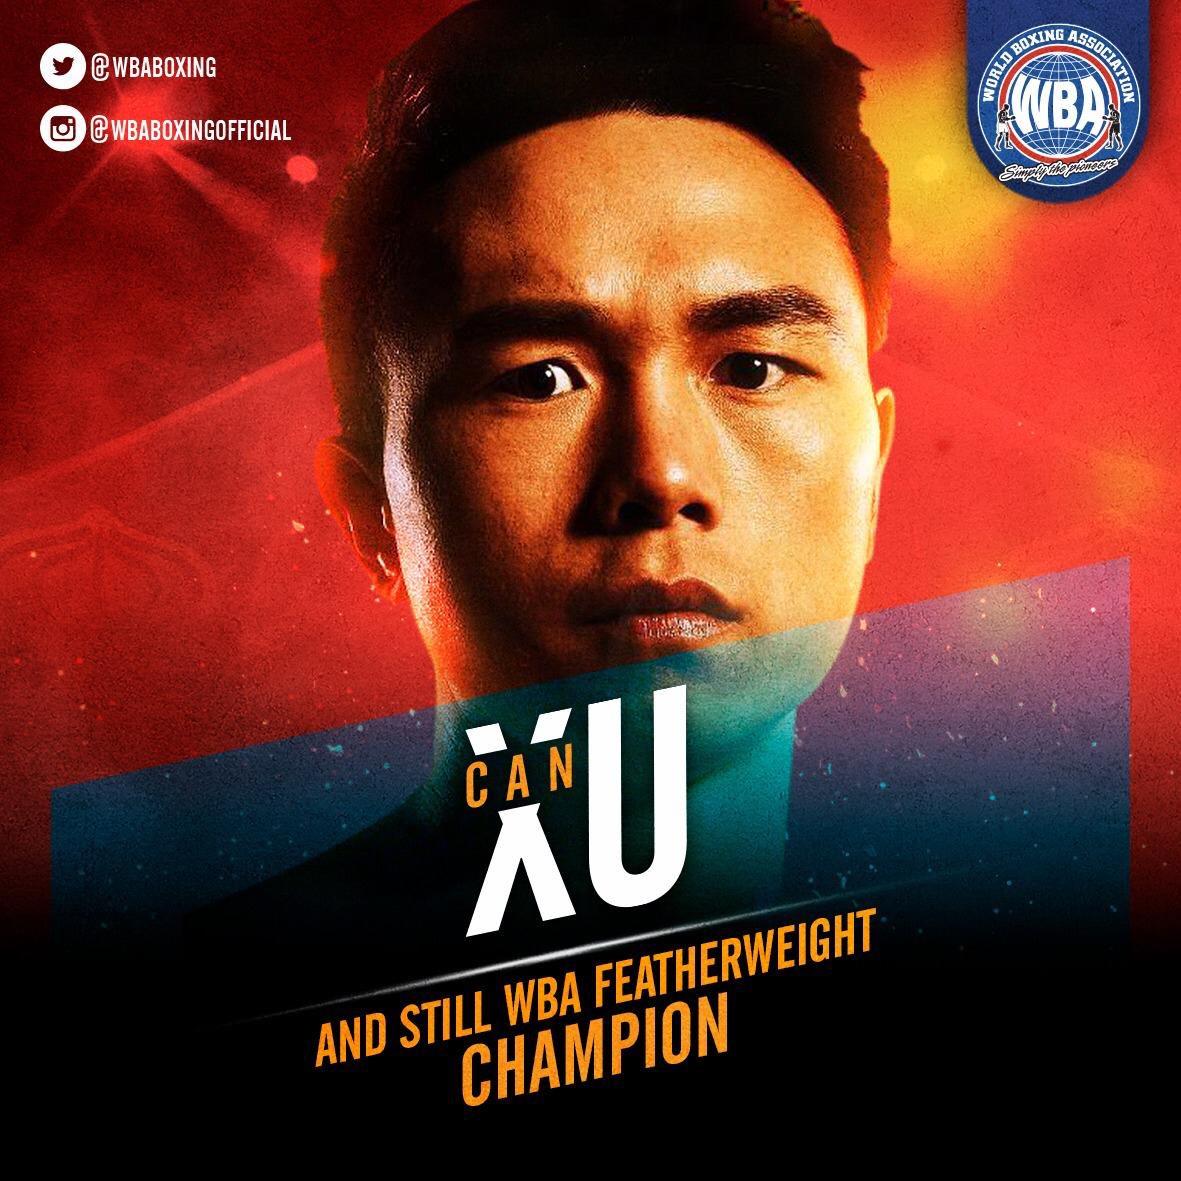 #AndStill WBA Featherweight Champion Can Xu Xu stops Kubo with TKO 6  #WBAboxing